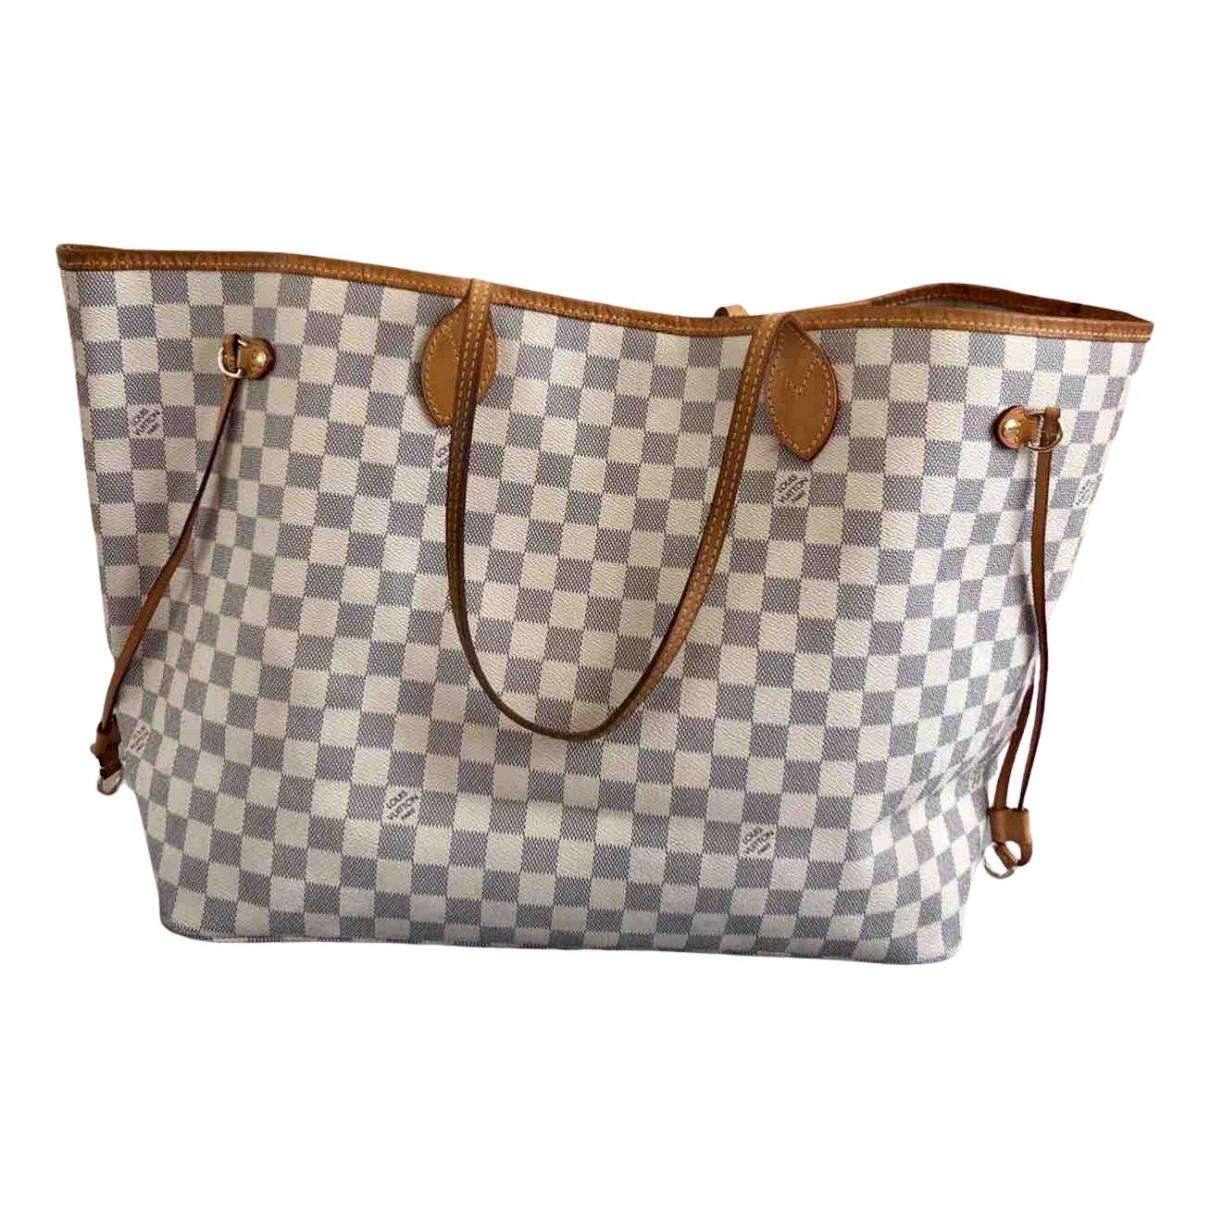 Louis Vuitton - Sac a main Neverfull pour femme en toile - beige